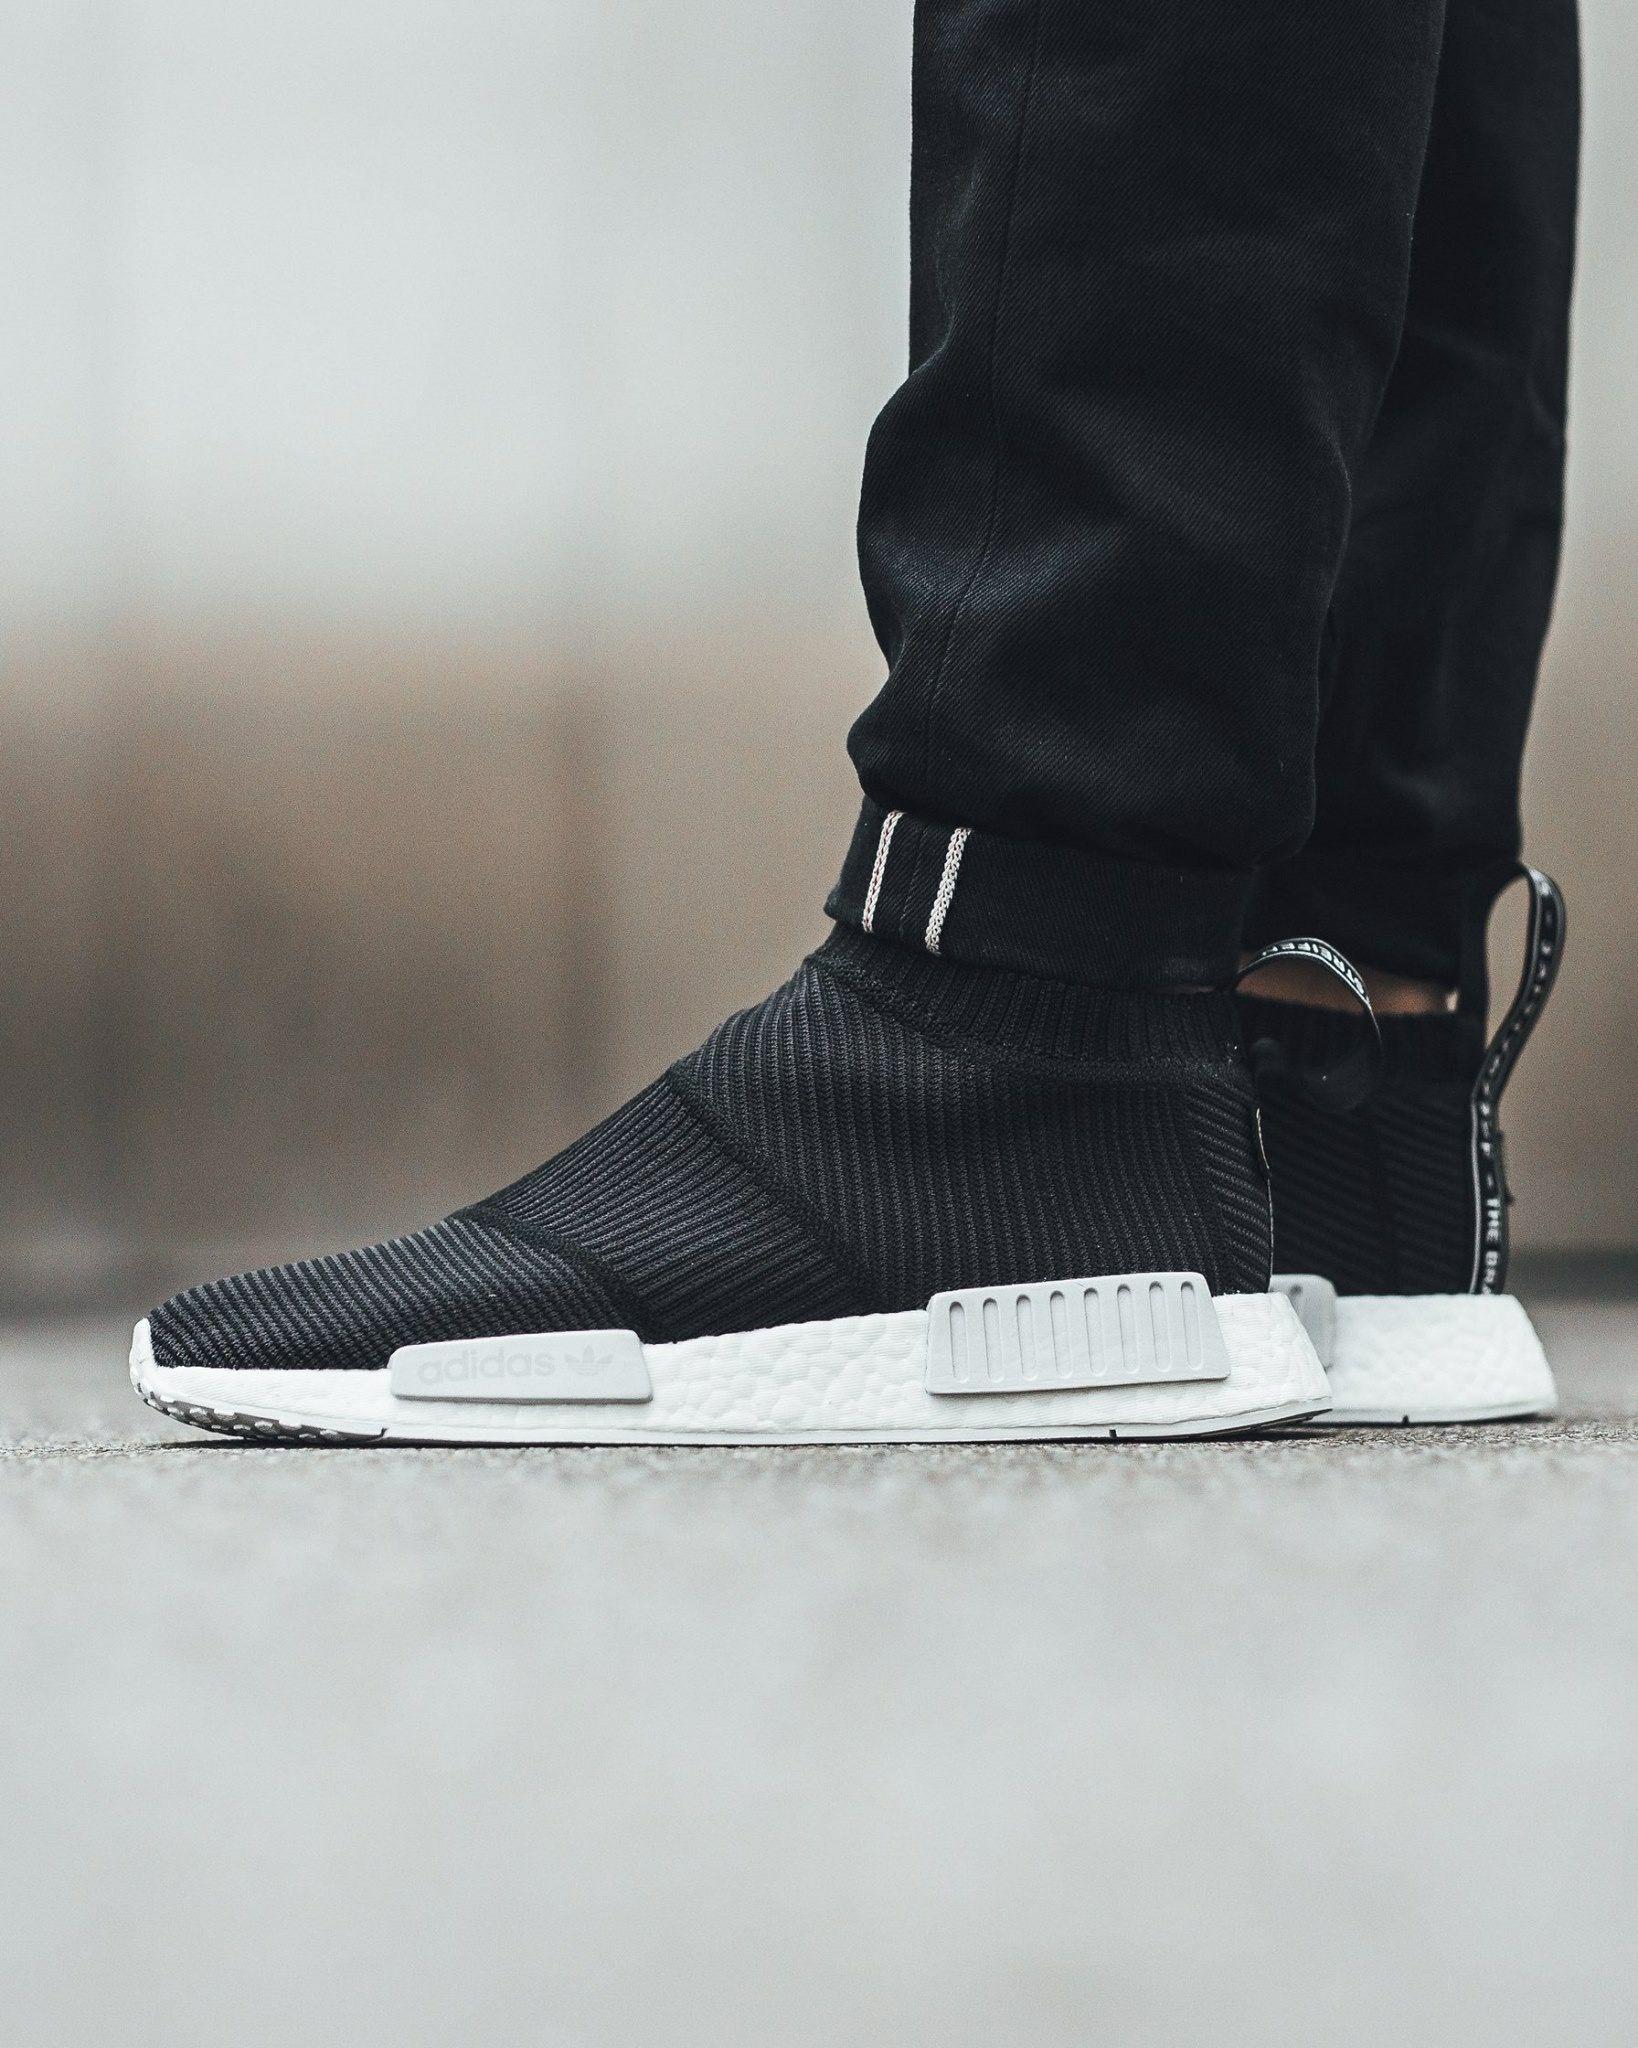 adidas Originals NMD_CS2 GTX | Nike shoes outfits, Black